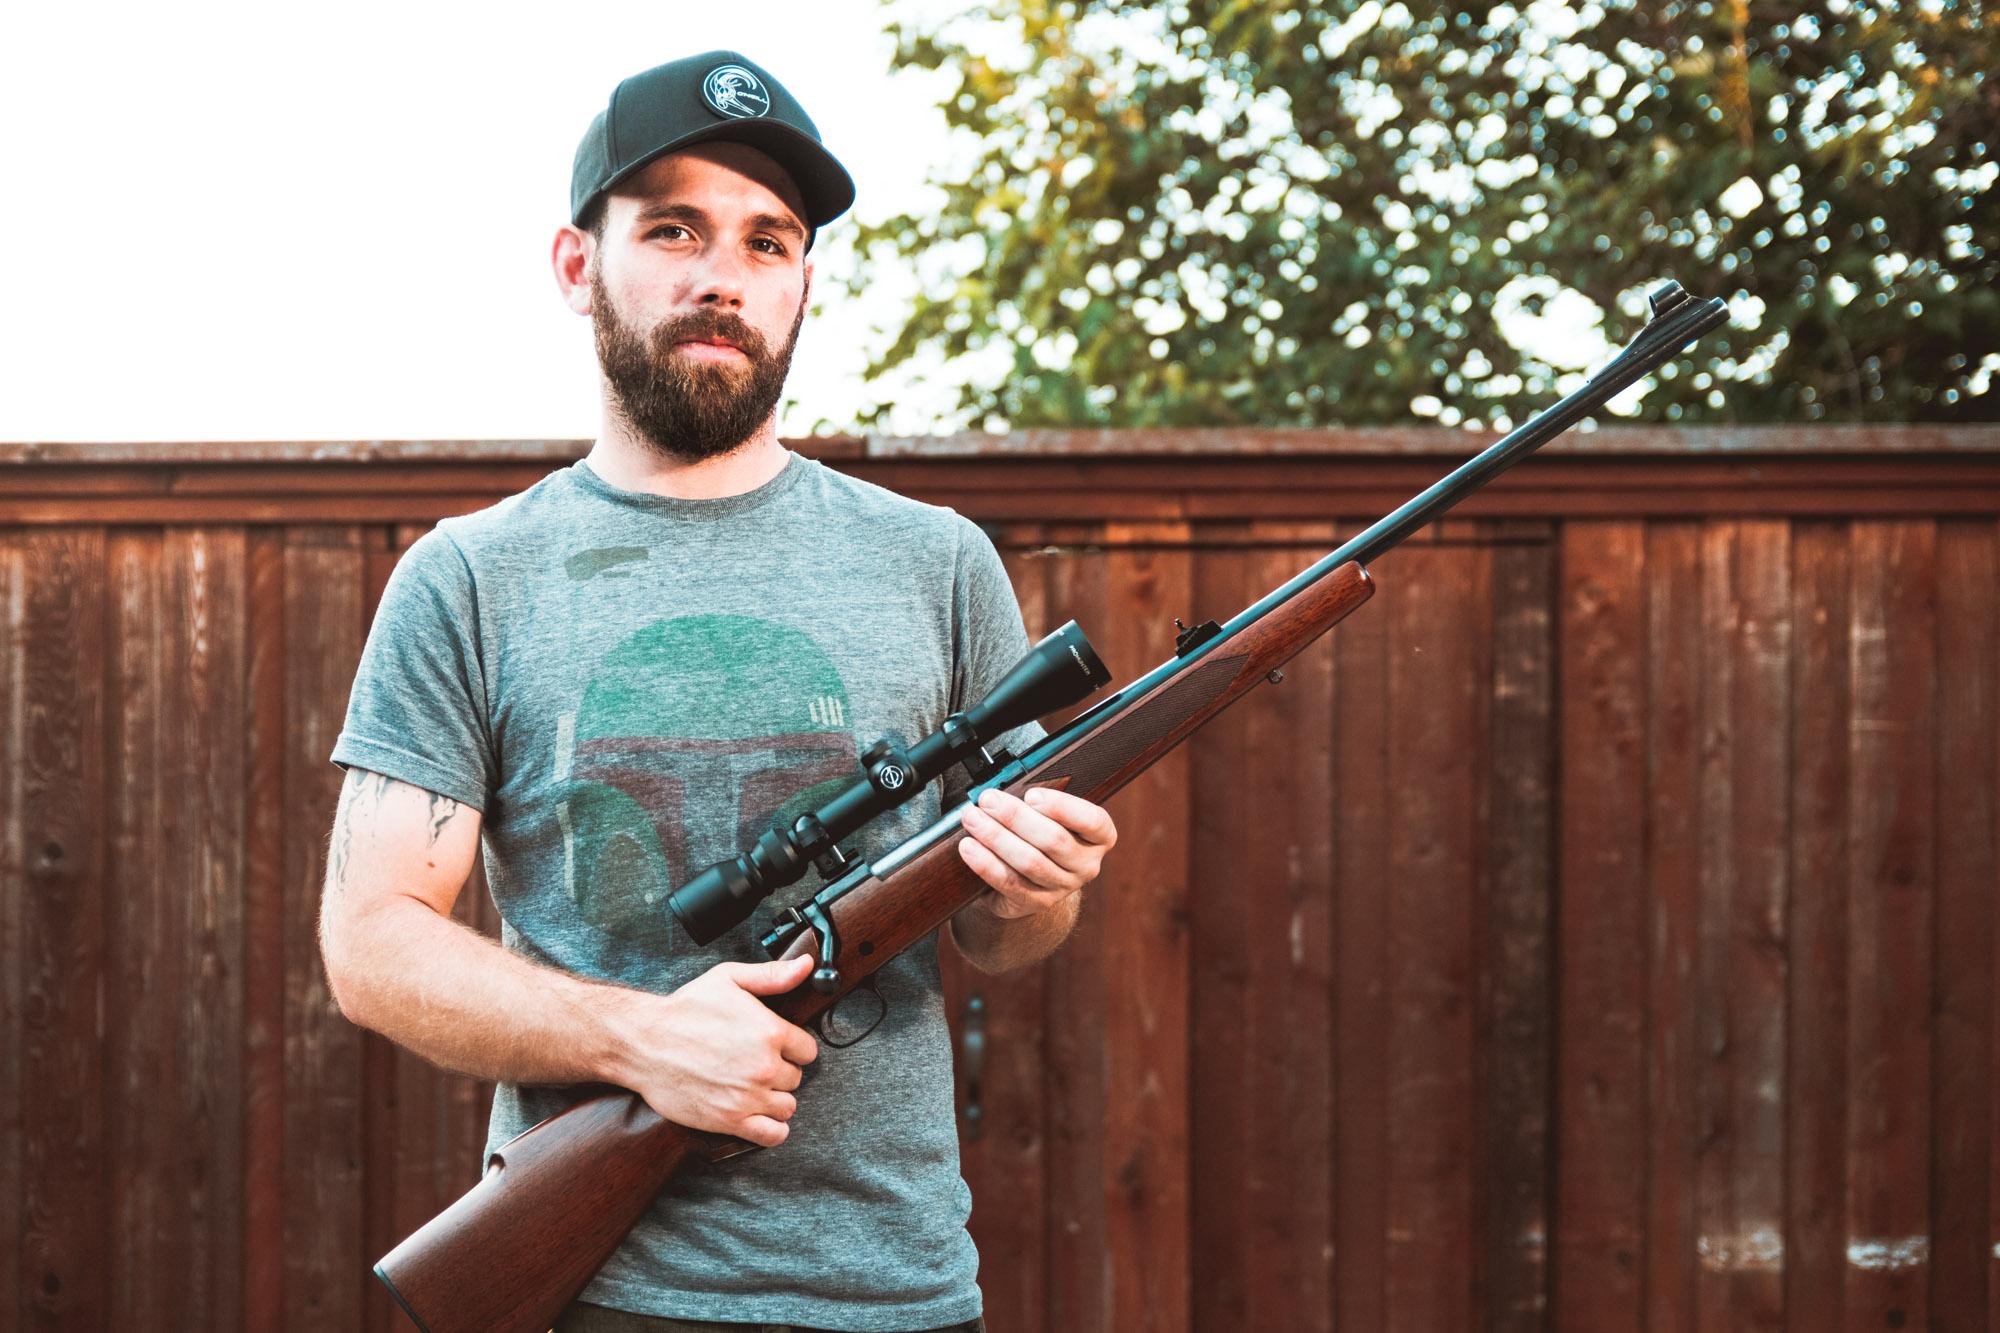 Bob Allard holding a rifle